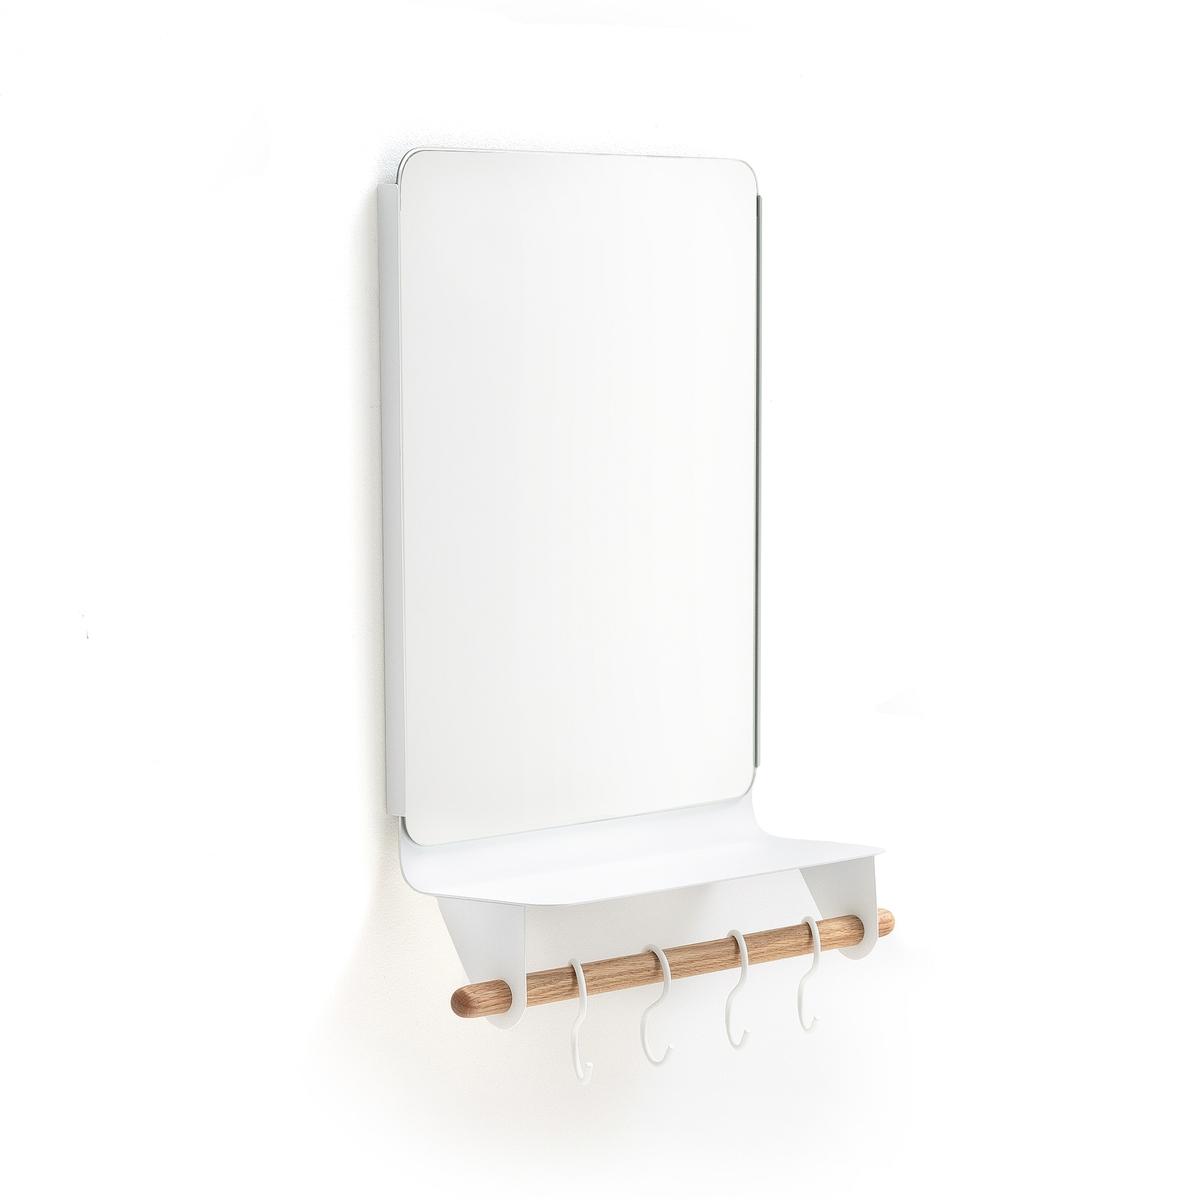 Зеркало для прихожей с полкойОписание:Зеркало для прихожей с полкой . Очень удобна для размещения на крючках платков, шляпы, жакета и для ваших ключей . Это зеркало создаст роскошную атмосферу в вашей прихожей !Характеристики зеркала для прихожей : Зеркало прямоугольной формы1 полка из металла толщиной 2 мм 1 перекладина из дуба с 4 крючками из металла крепится на стену Шурупы и дюбели продаются отдельно  Размеры зеркала :Длина : 40 см. Ширина : 0,3 см Высота : 30 смРазмеры перекладины :30 см x Диаметр. 1,9 см Размеры крючка :Диаметр. 0,4 смОбщие размеры зеркала для прихожей :Длина : 37,5 см Глубина: 13,5 см Высота : 53 смРасцветка : текстиль для ванной Размеры и вес ящика :1 ящик 58,5 x 35,5 x 15,3 см .3,15 кг Доставка :До Вашей квартиры по договоренности!Внимание ! Убедитесь, что посылку возможно доставить на дом, учитывая ее габариты.<br><br>Цвет: белый